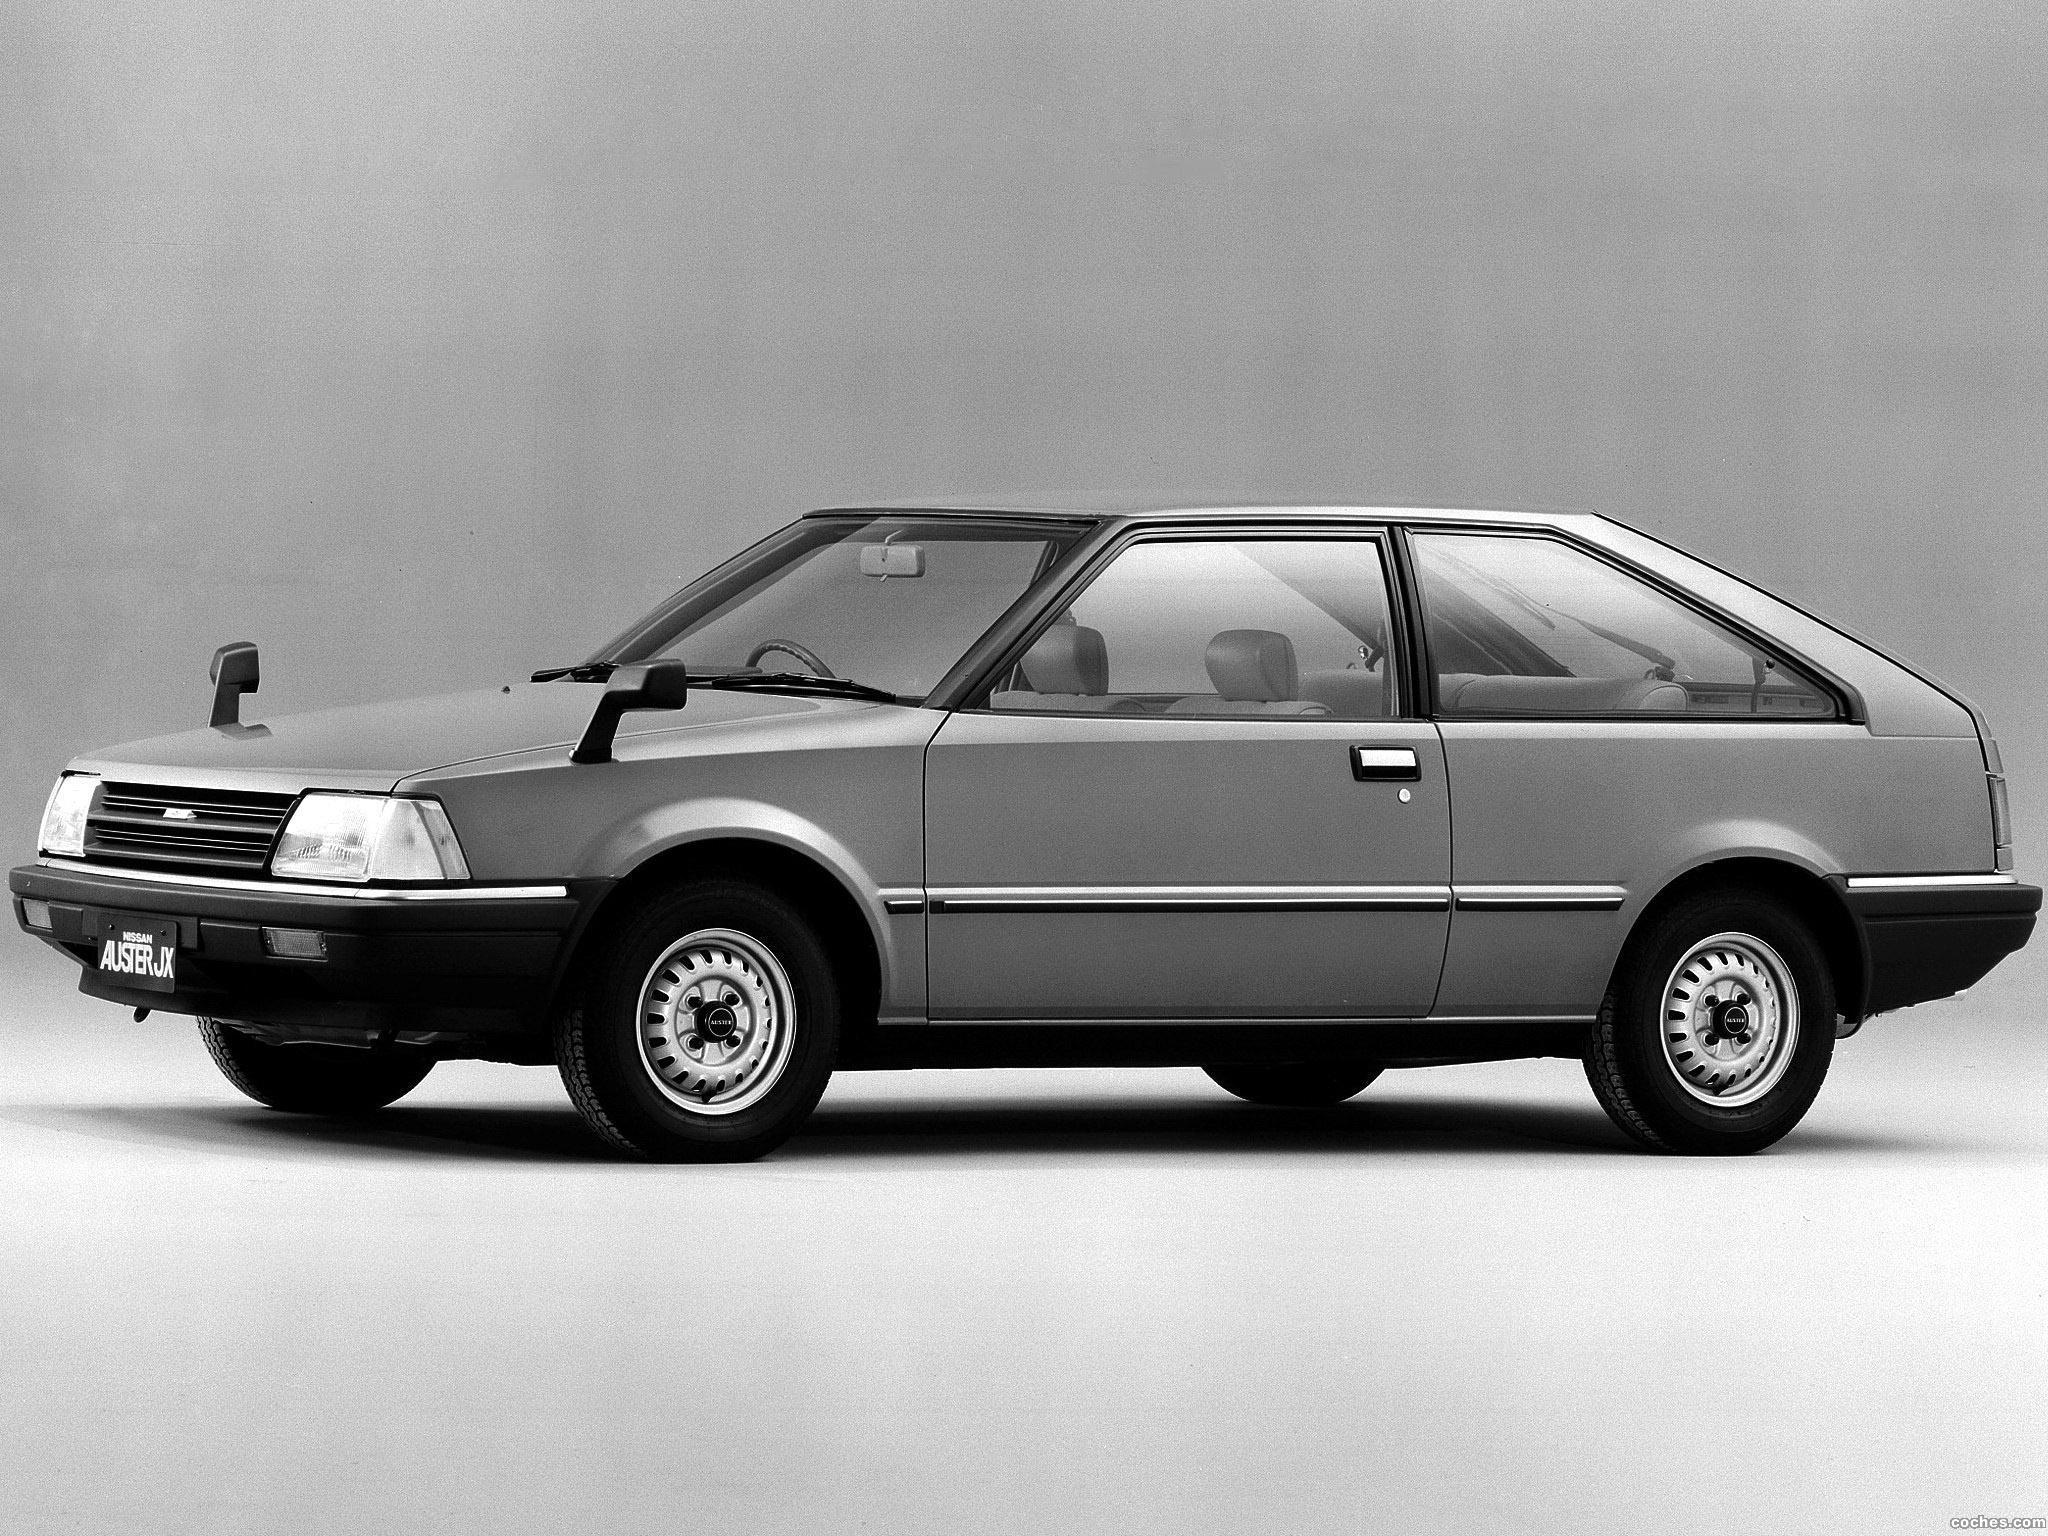 Foto 0 de Nissan Auster JX Hatchback 1800 GS-X 1981